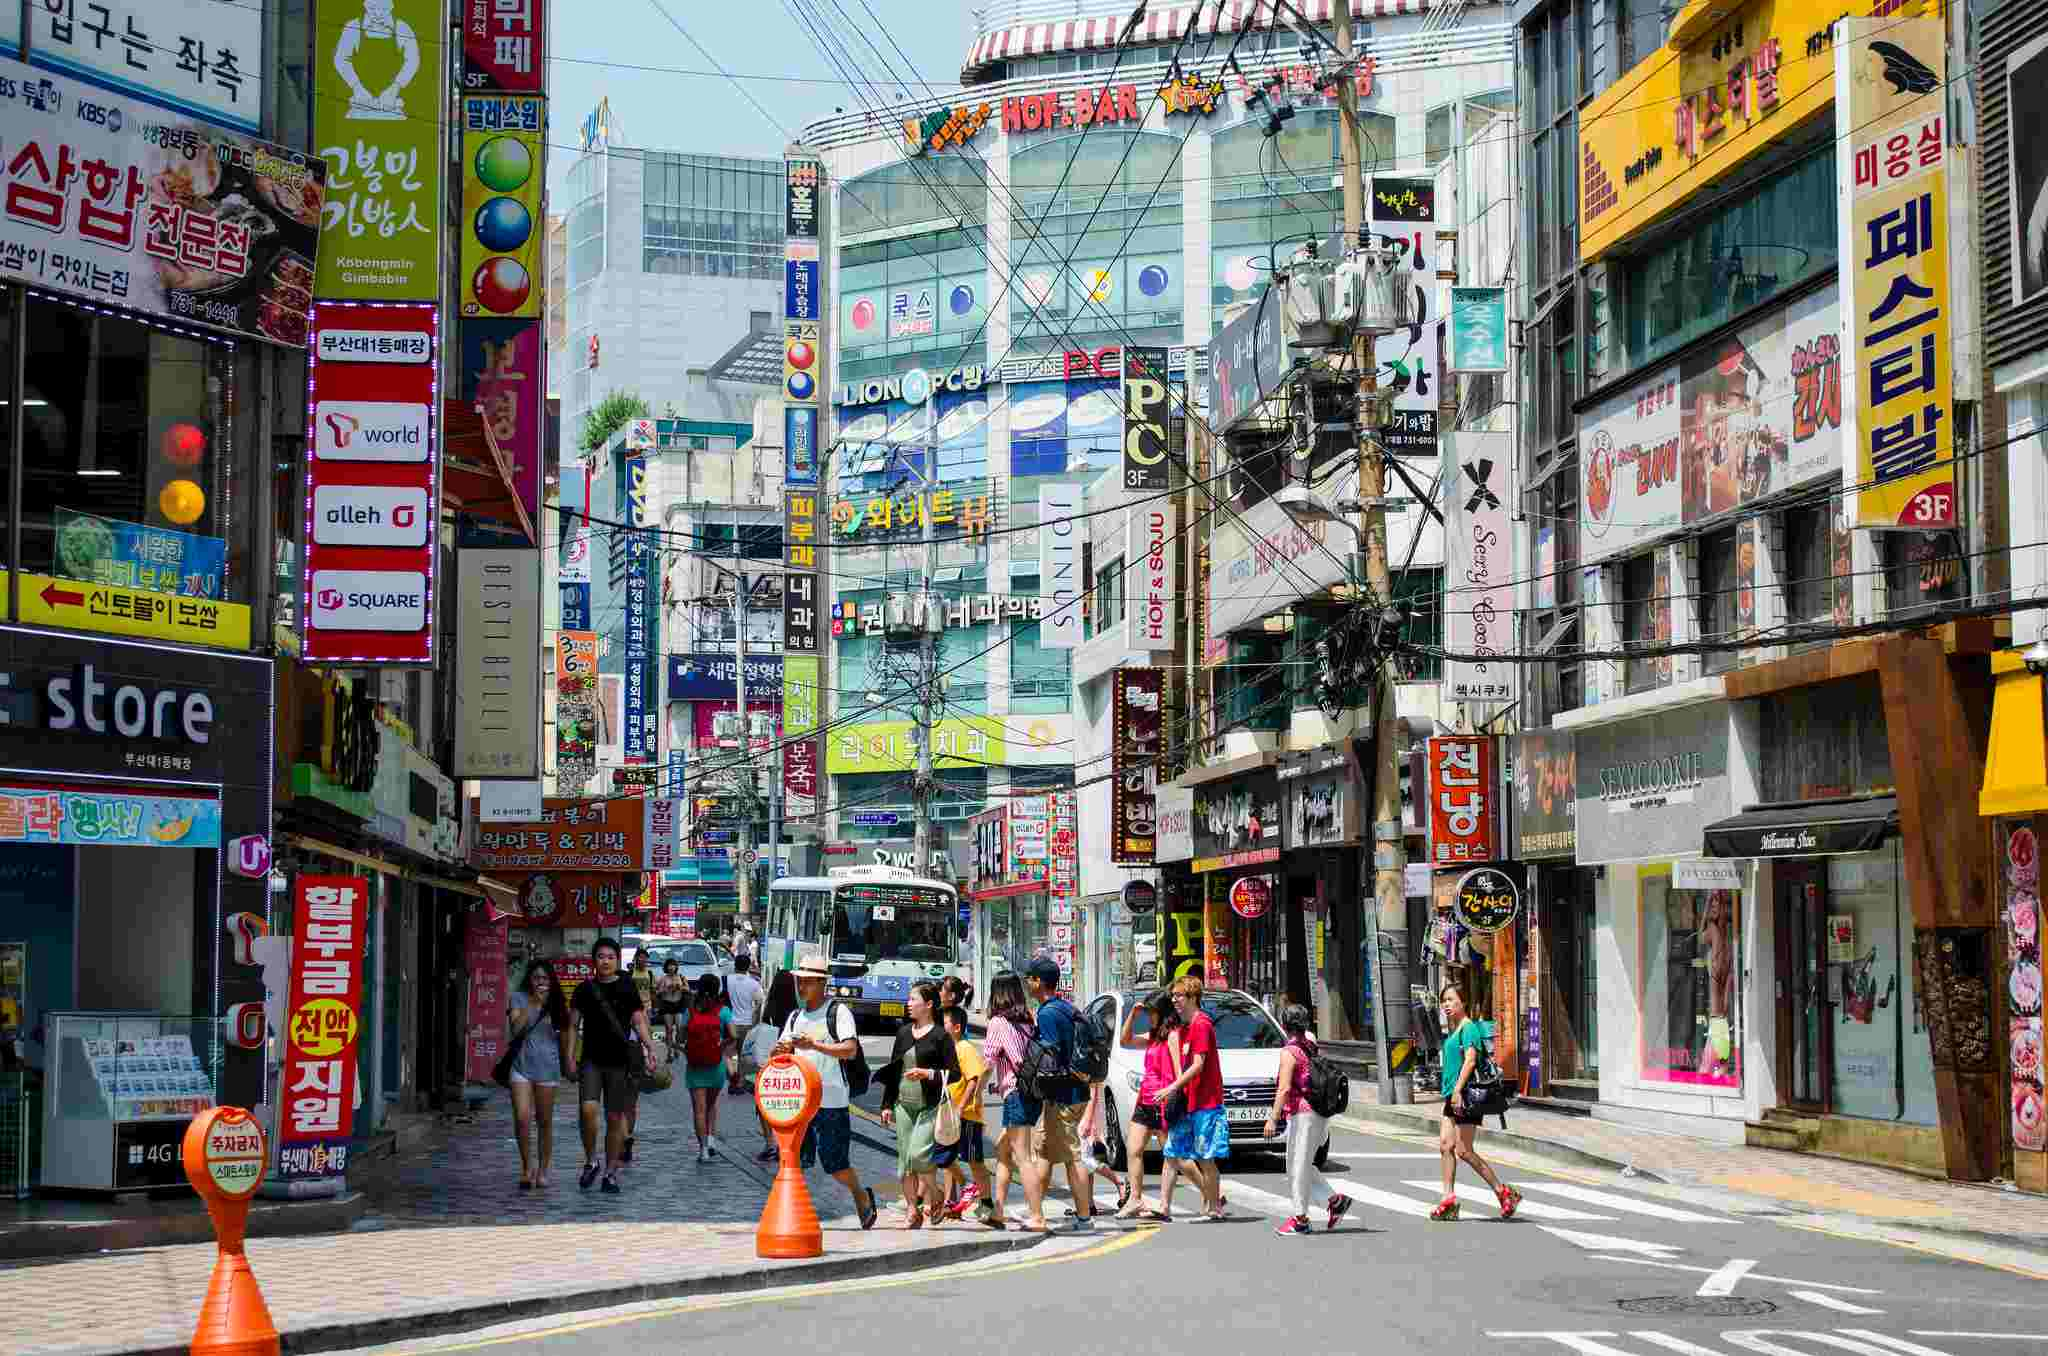 07 西面商圈  除了南浦洞,另外一個逛街的好地方就是西面啦!這可是釜山版的弘大,超多釜山年輕人愛在假日時來這逛街~ 西面不只在路面上有各大品牌林立、還有許多美食也隱身在西面商圈裡,而西面地下街裡,就是美妝愛好者們的天堂,舉凡你想得到的韓國美妝品牌,在這裡都找得到!這裡也是釜山年輕人的聚集地!  如果想去樂天超市了話,也可以再從地鐵西面站往前搭一站到釜岩站,釜岩站的超市大人又少,超好逛!